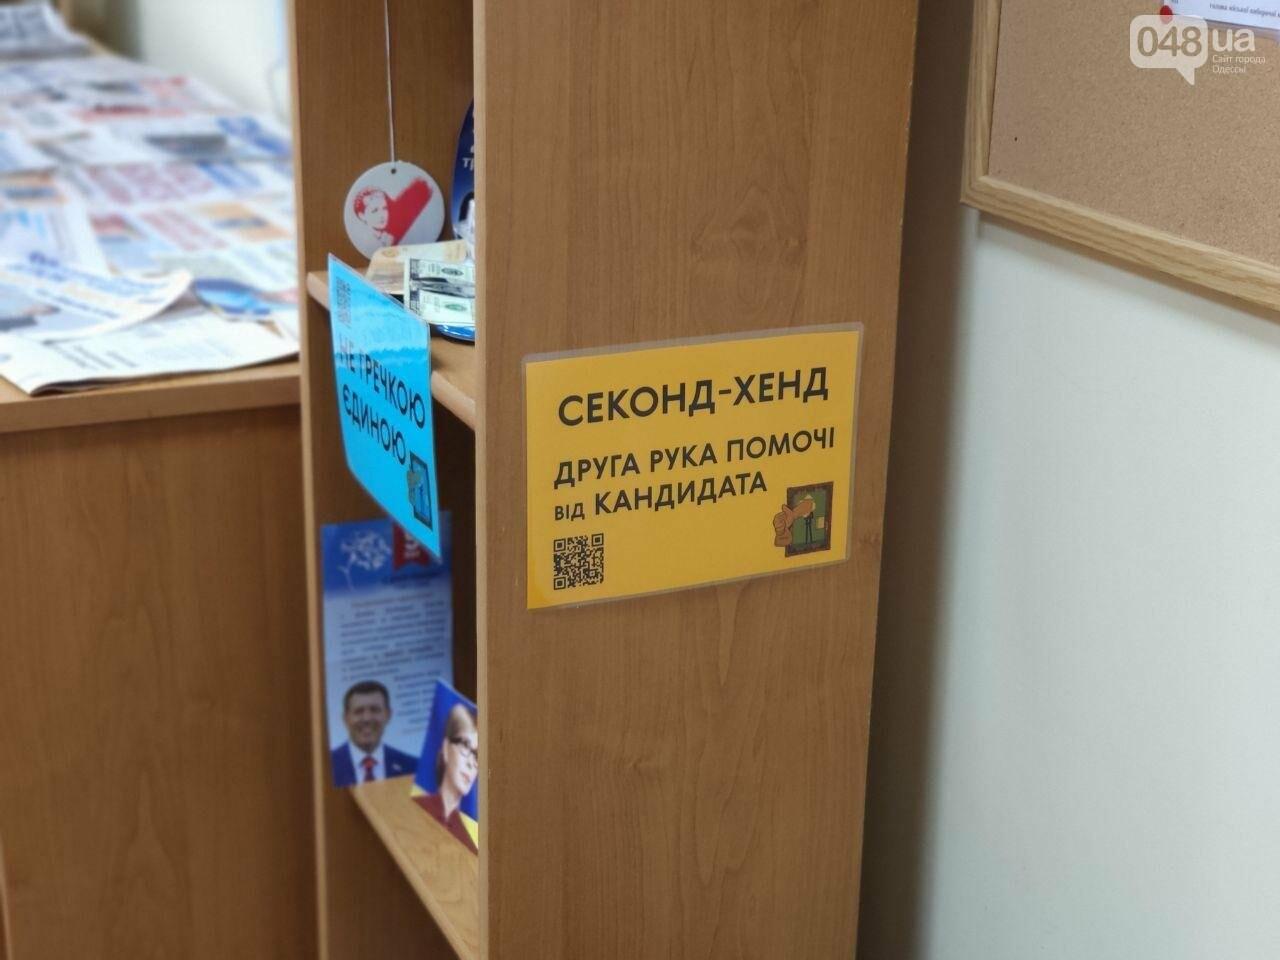 Гречка и секонд-хенд от кандидата: что посмотреть в новом музее выборов в Одессе, - ФОТОРЕПОРТАЖ, фото-6